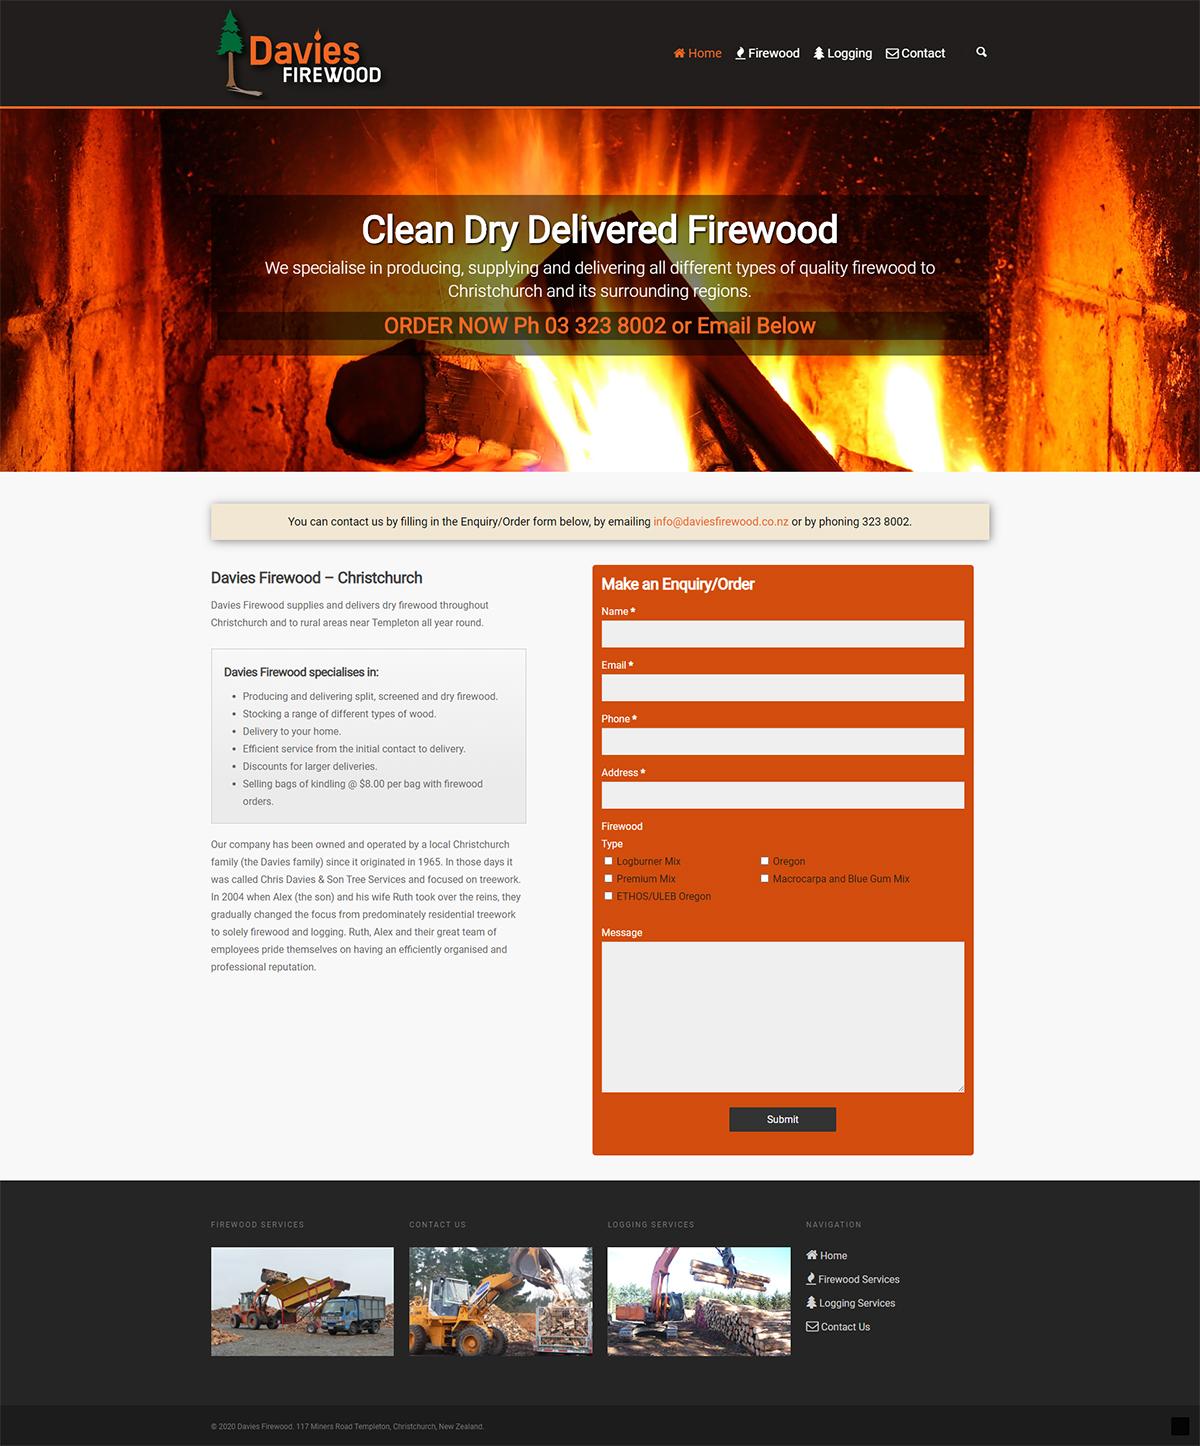 daviesfirewood-after